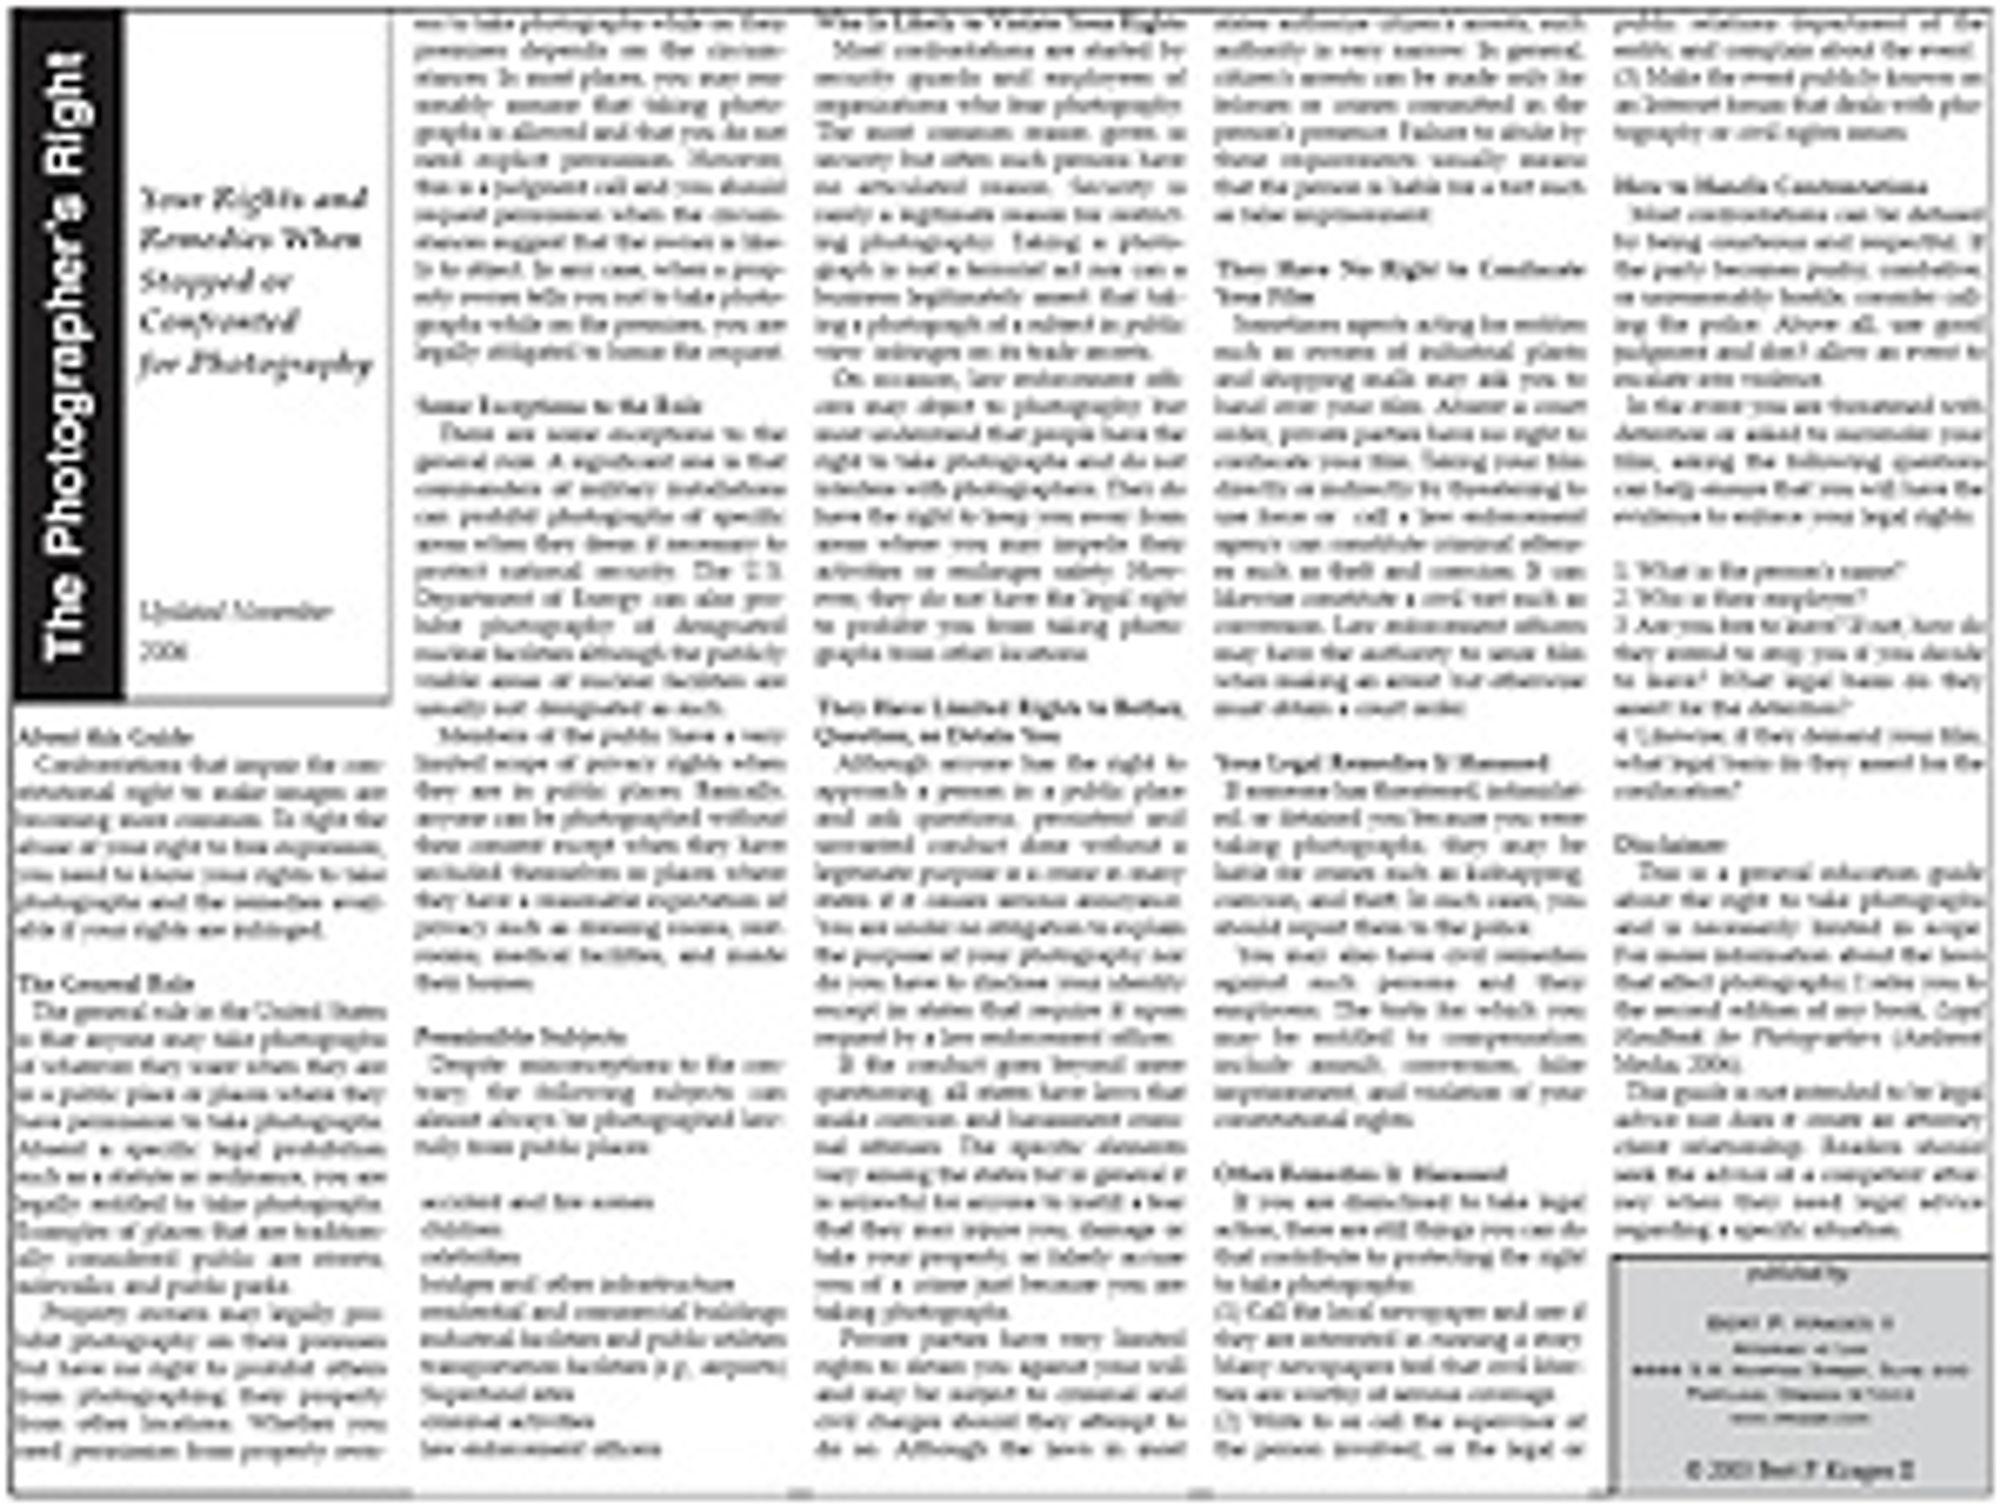 Faksimile av jurist Burt P. Krages II amerikanske rettighetsskrift